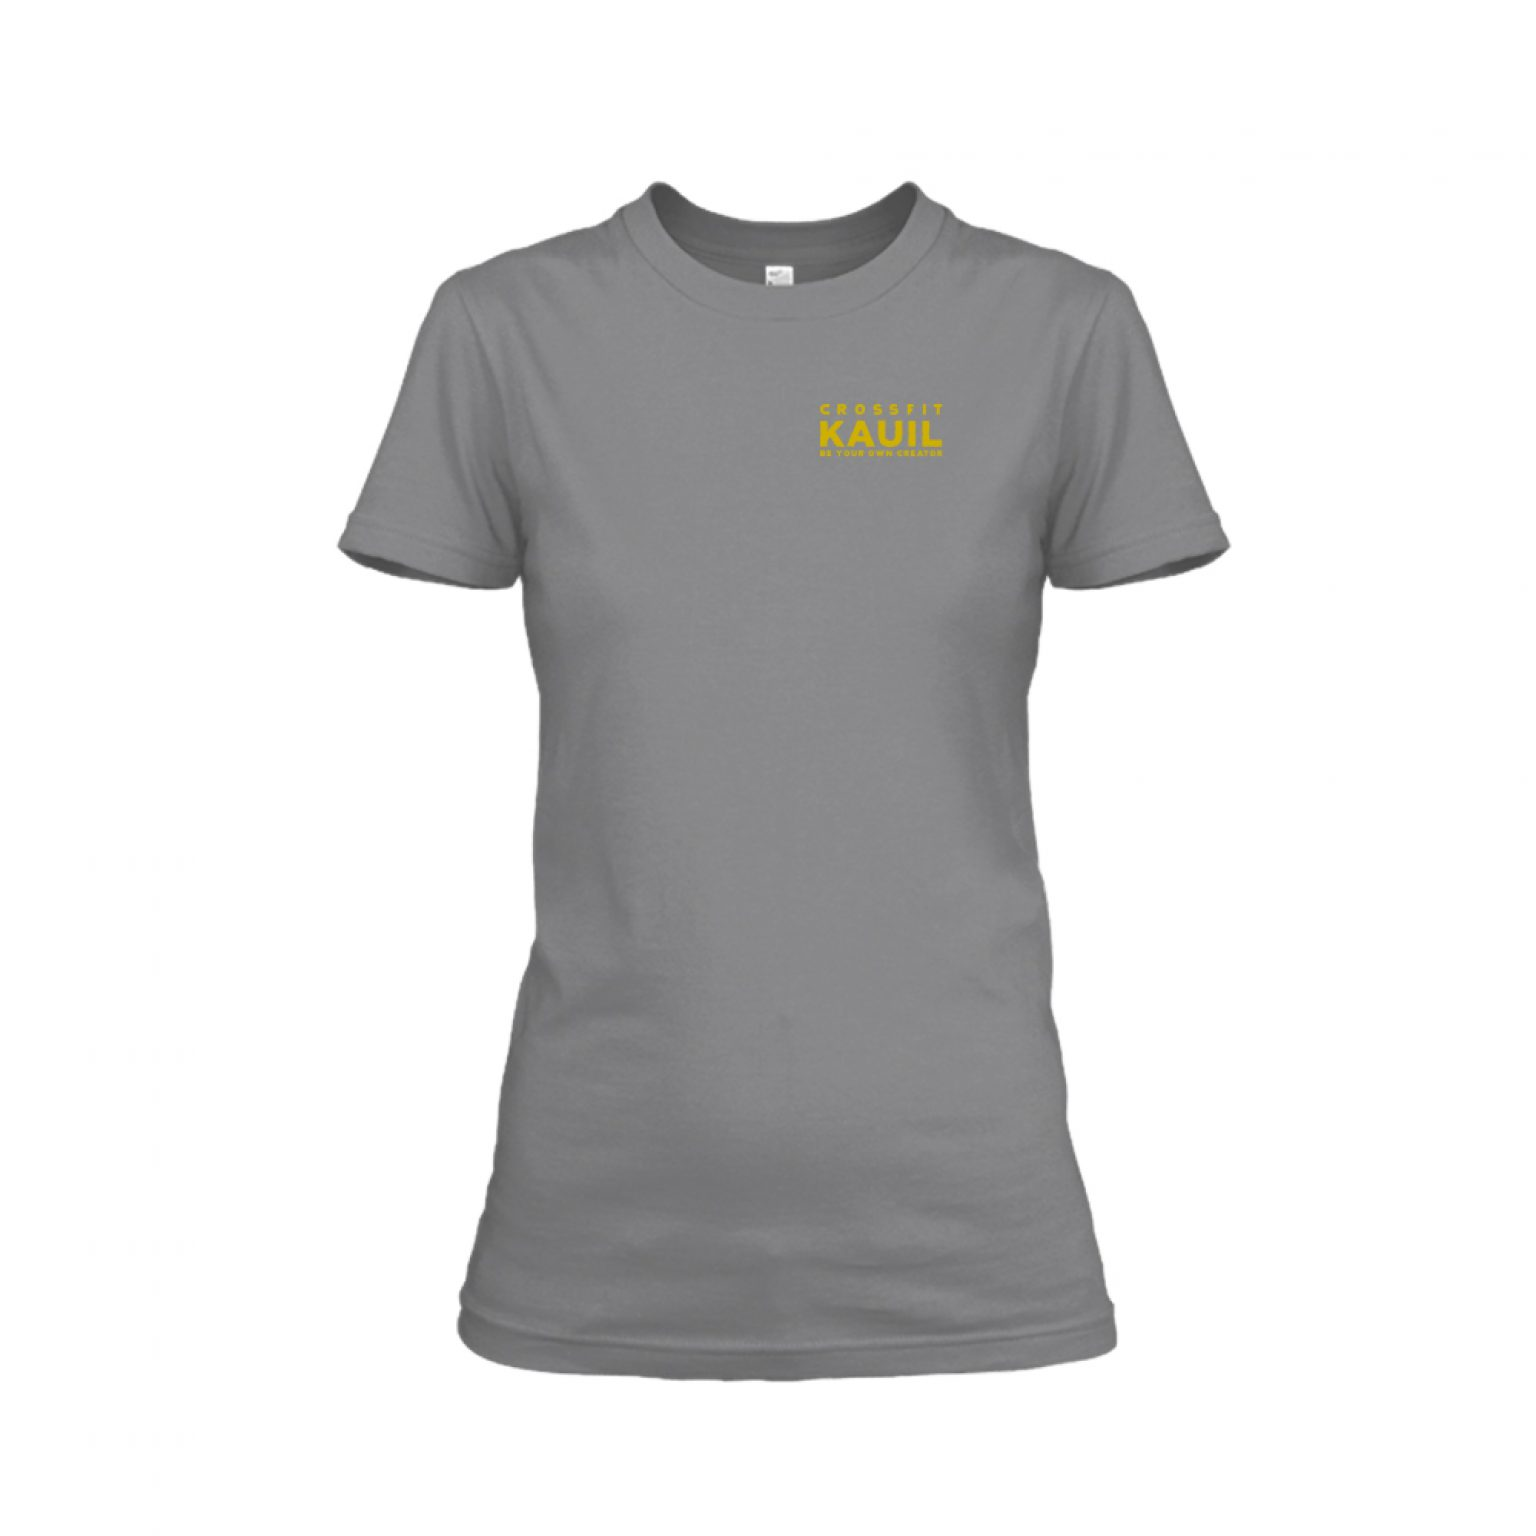 Damen Shirt HeatherDarkGrey2 front 1